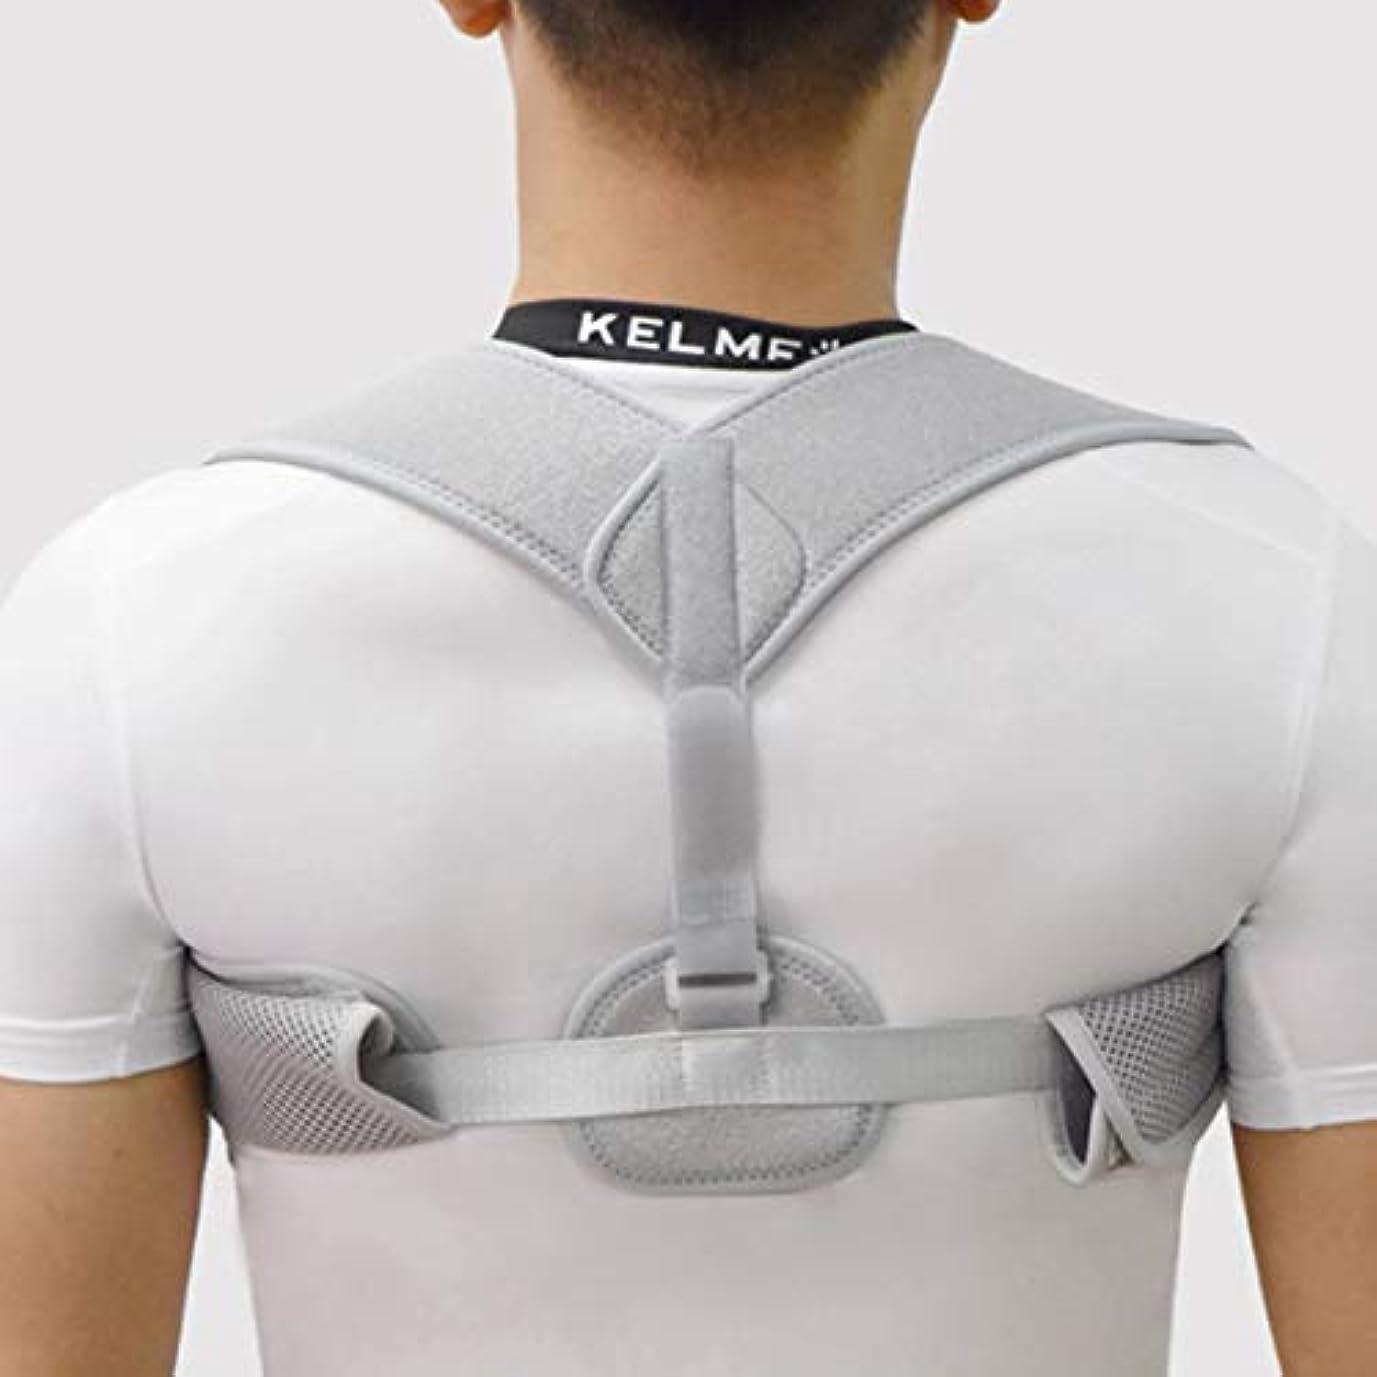 除外する自殺周波数新しいアッパーバックポスチャーコレクター姿勢鎖骨サポートコレクターバックストレート肩ブレースストラップコレクター耐久性 - グレー